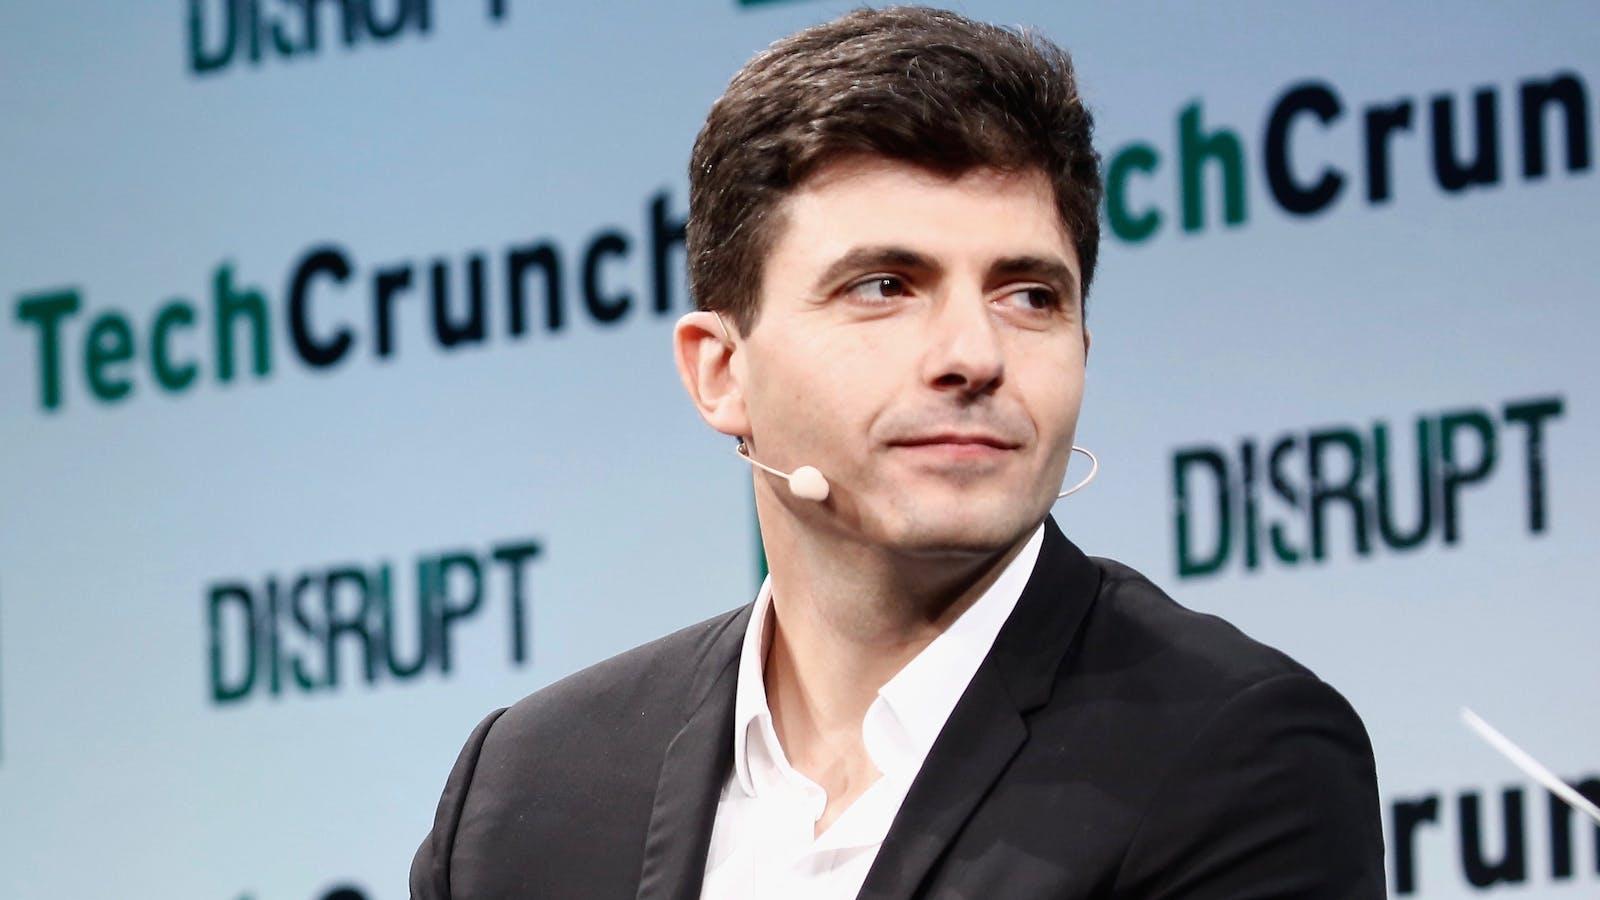 Dave Waiser, Gett CEO. Photo by Flickr/TechCrunch.